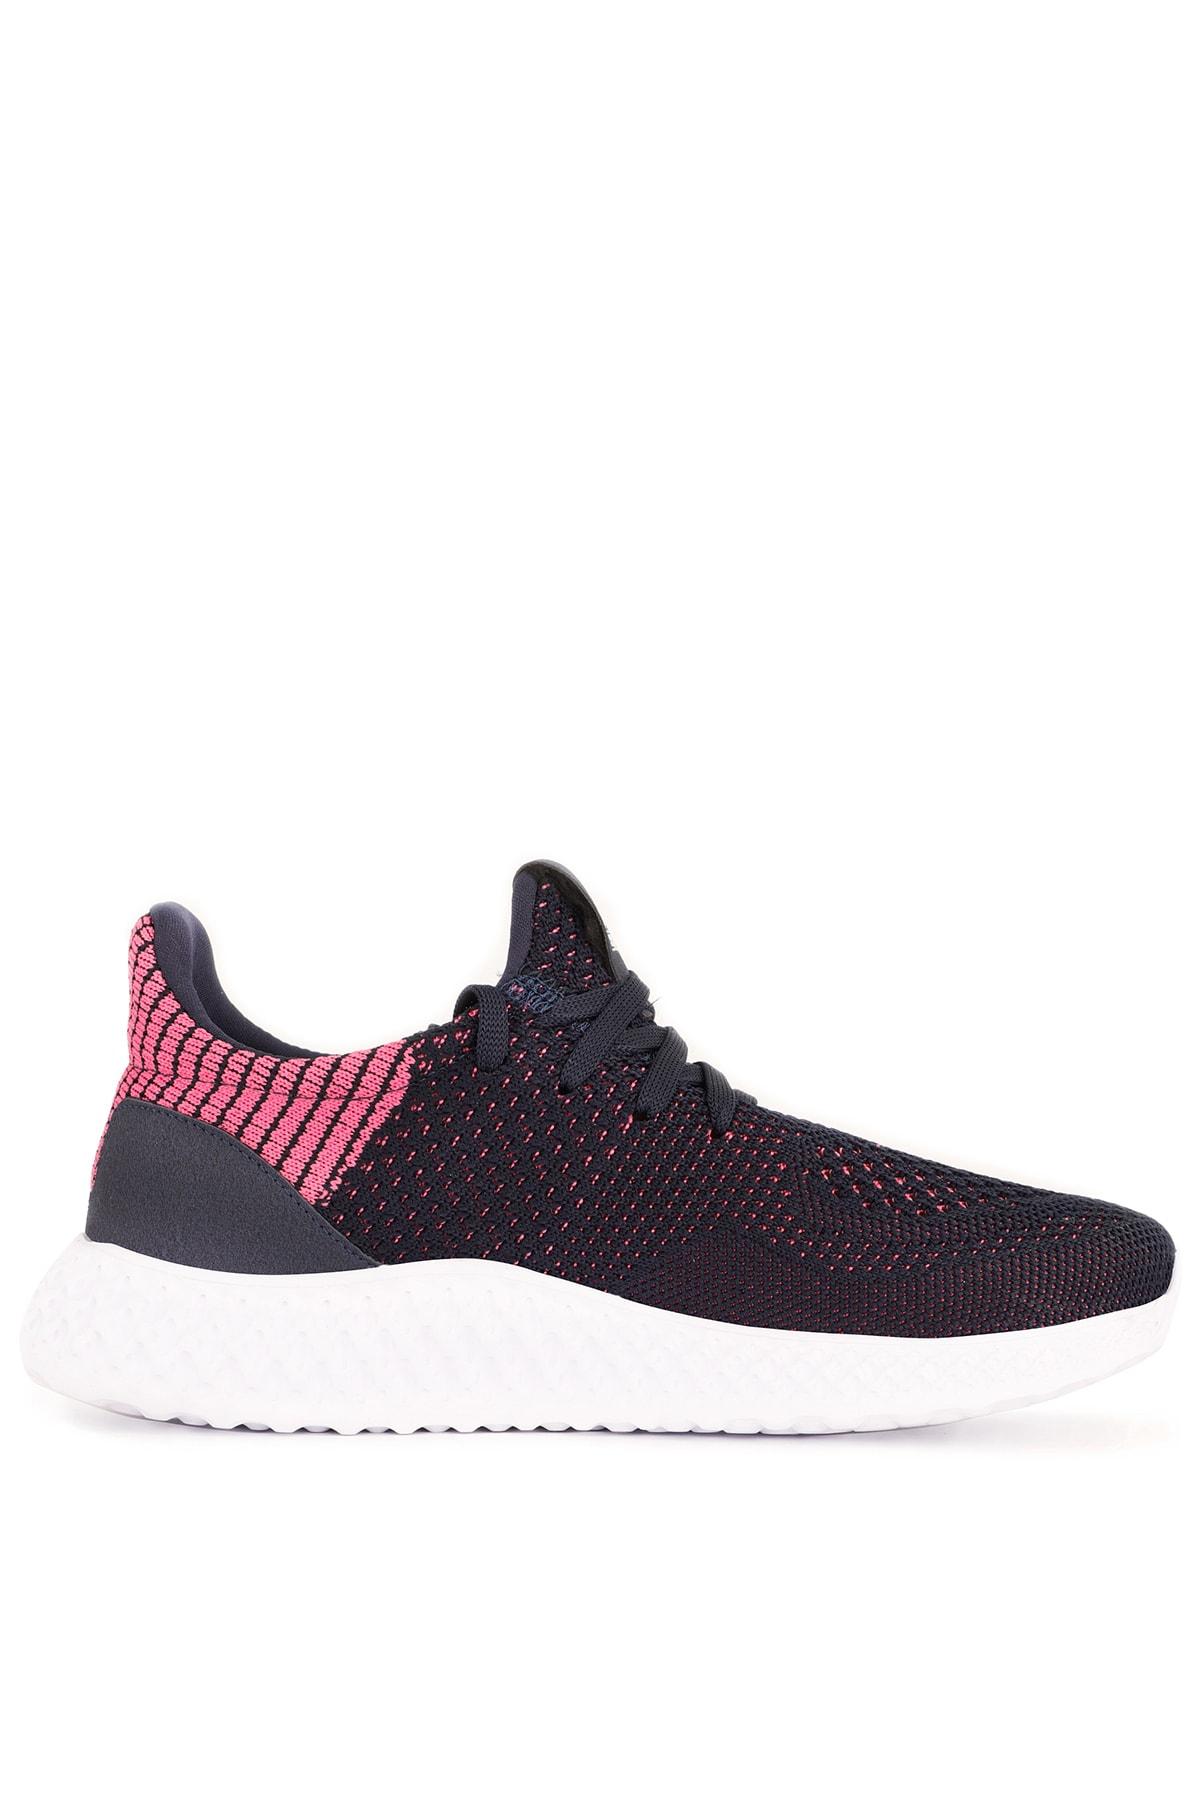 Slazenger Atomıc Koşu & Yürüyüş Kadın Ayakkabı Lacivert / Fuşya 1